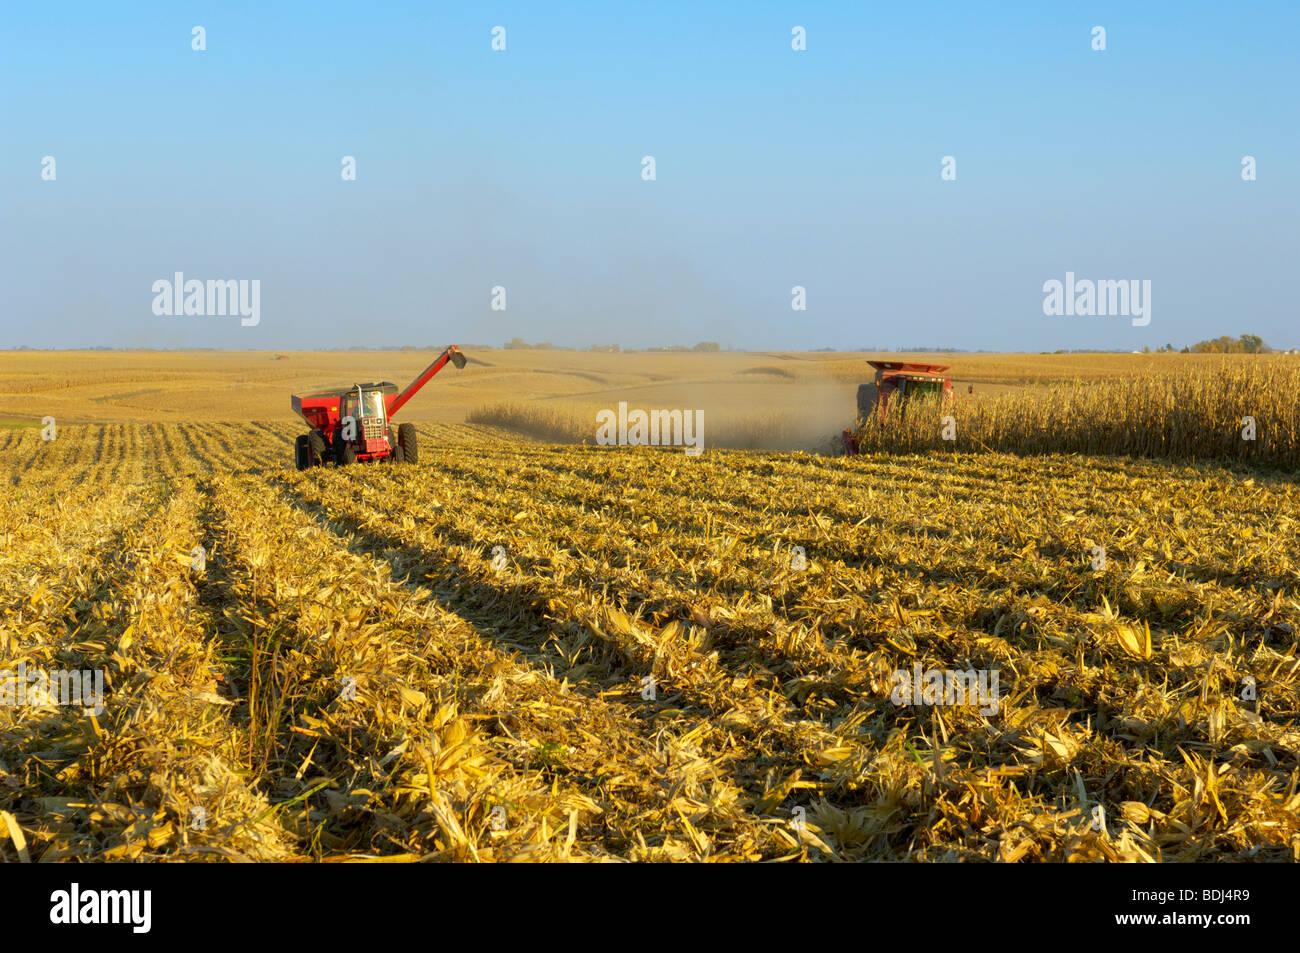 Una cosechadora cosecha una cosecha de grano de maíz en un gran campo de grano, con un carro de grano junto con Foto de stock